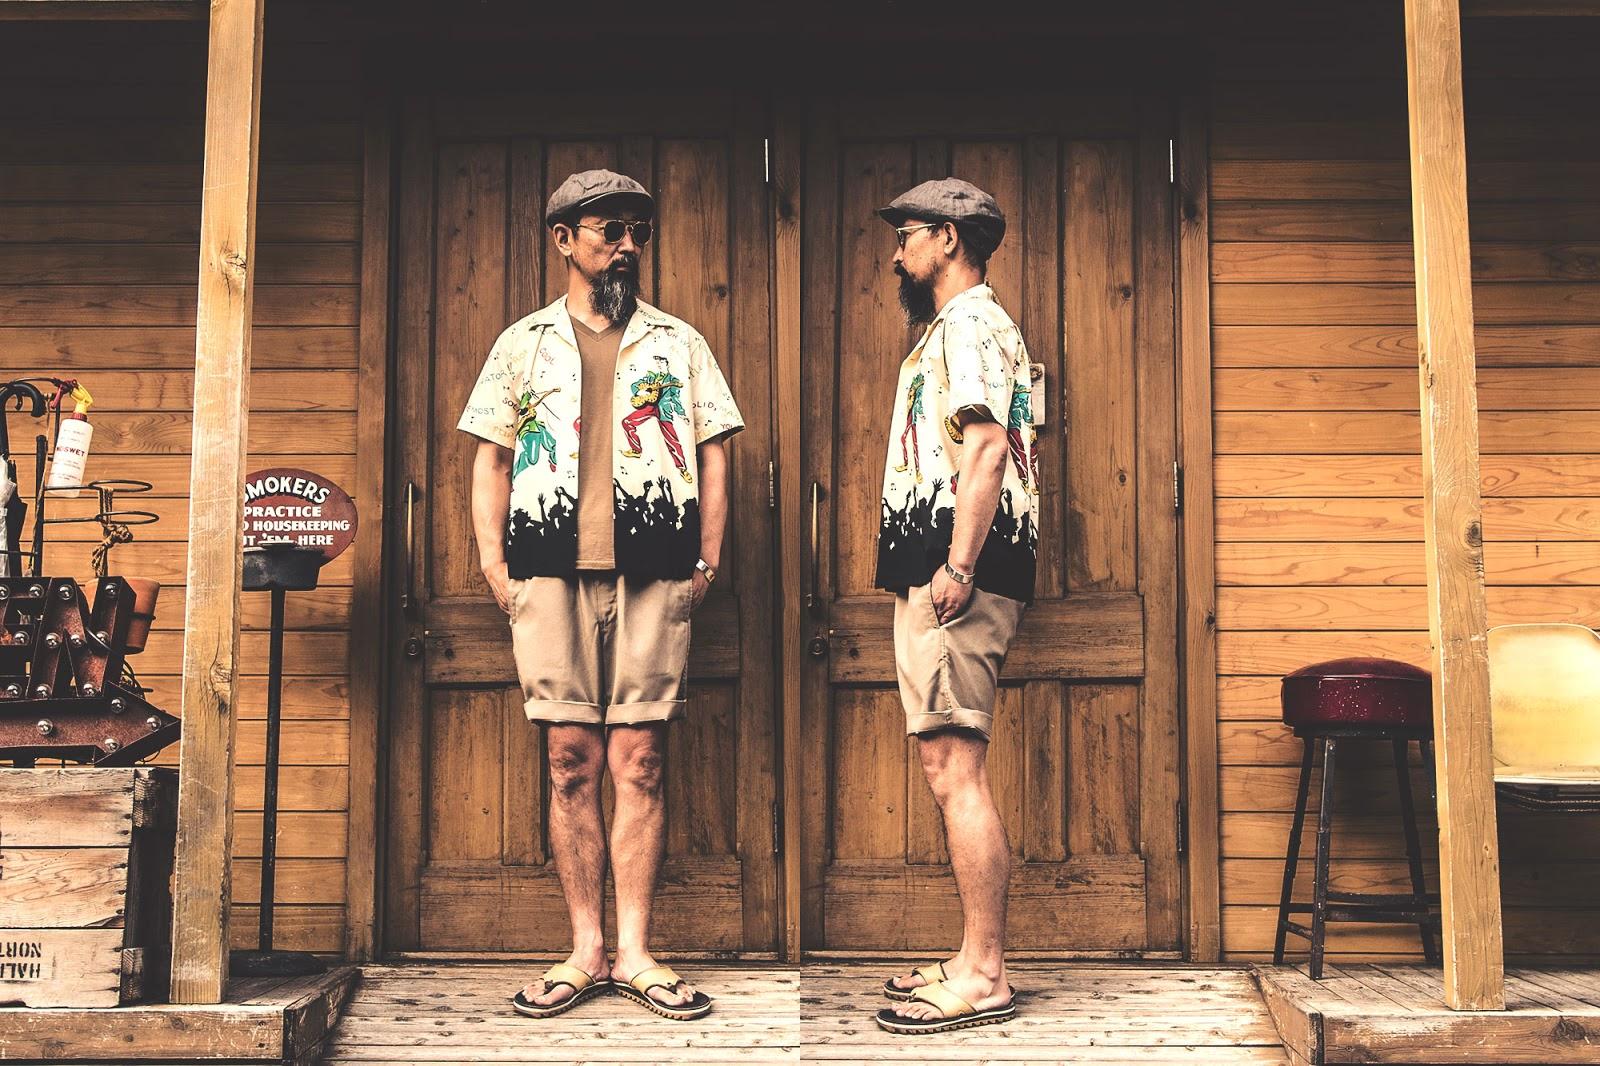 スターオブハリウッド キングオブロック ボーリングシャツ アロハシャツ オープンカラーシャツ プレスリー  フィフティーズシャツ